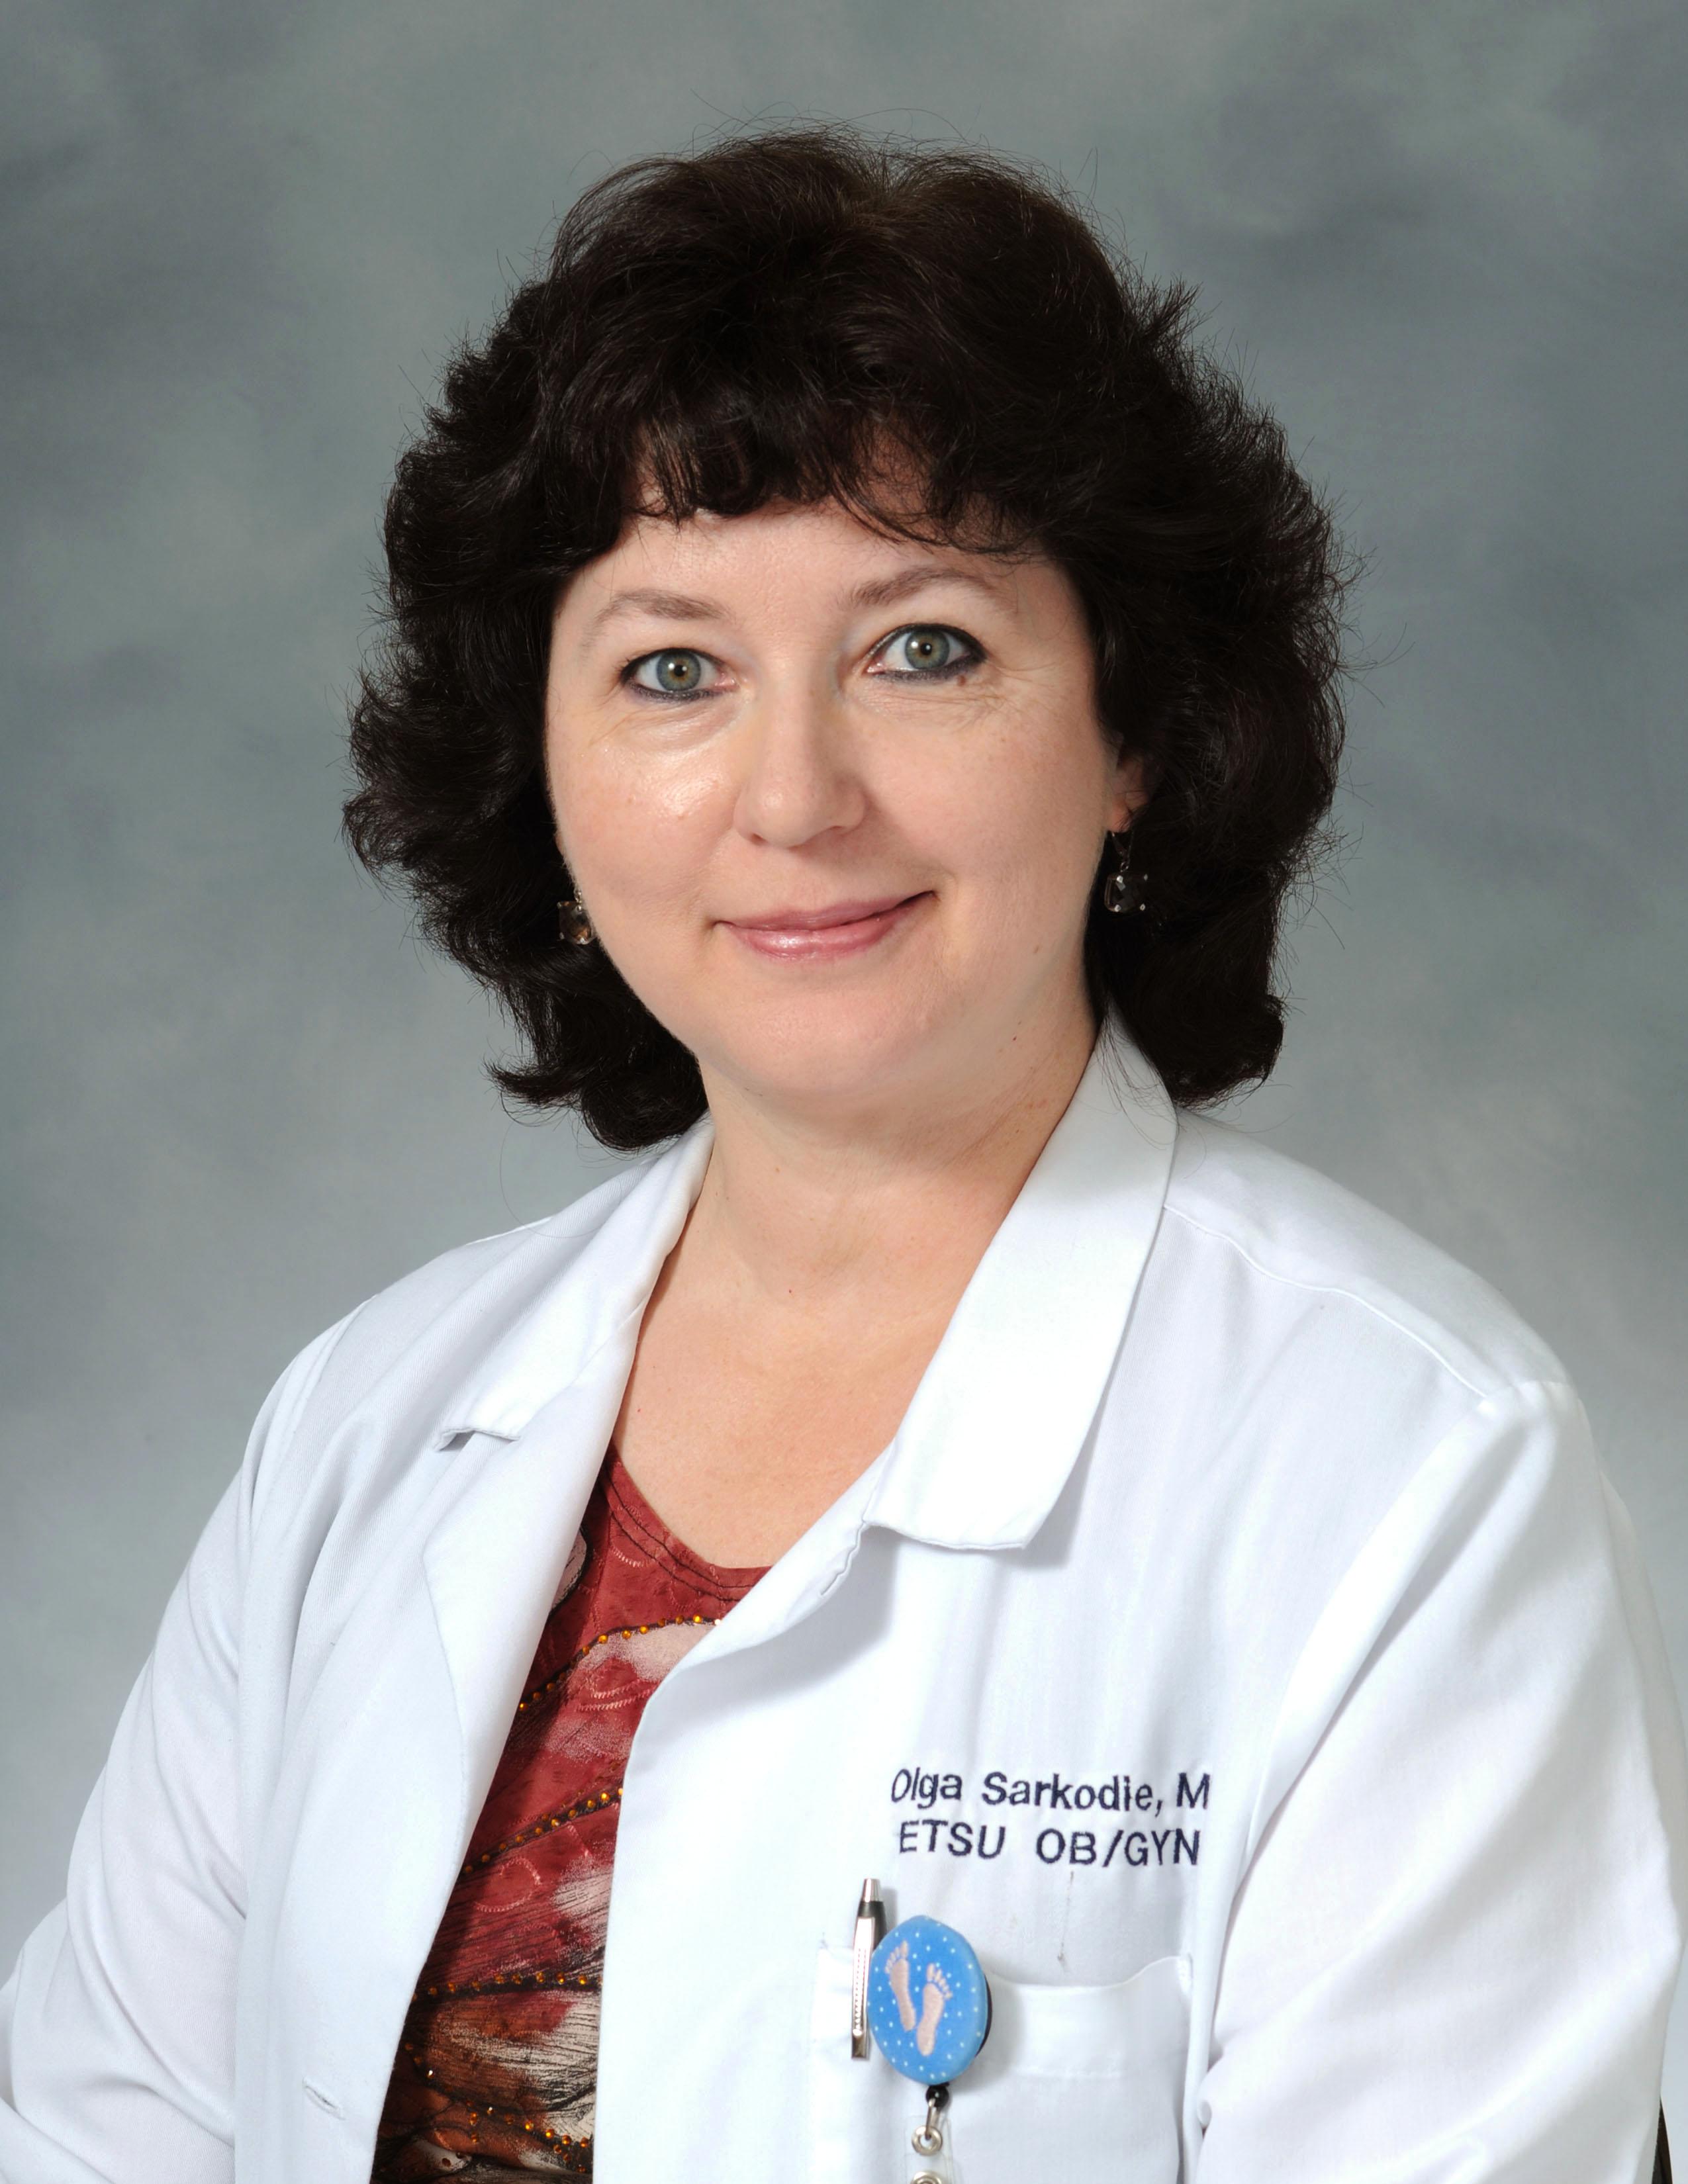 Olga Sarkodie, MD